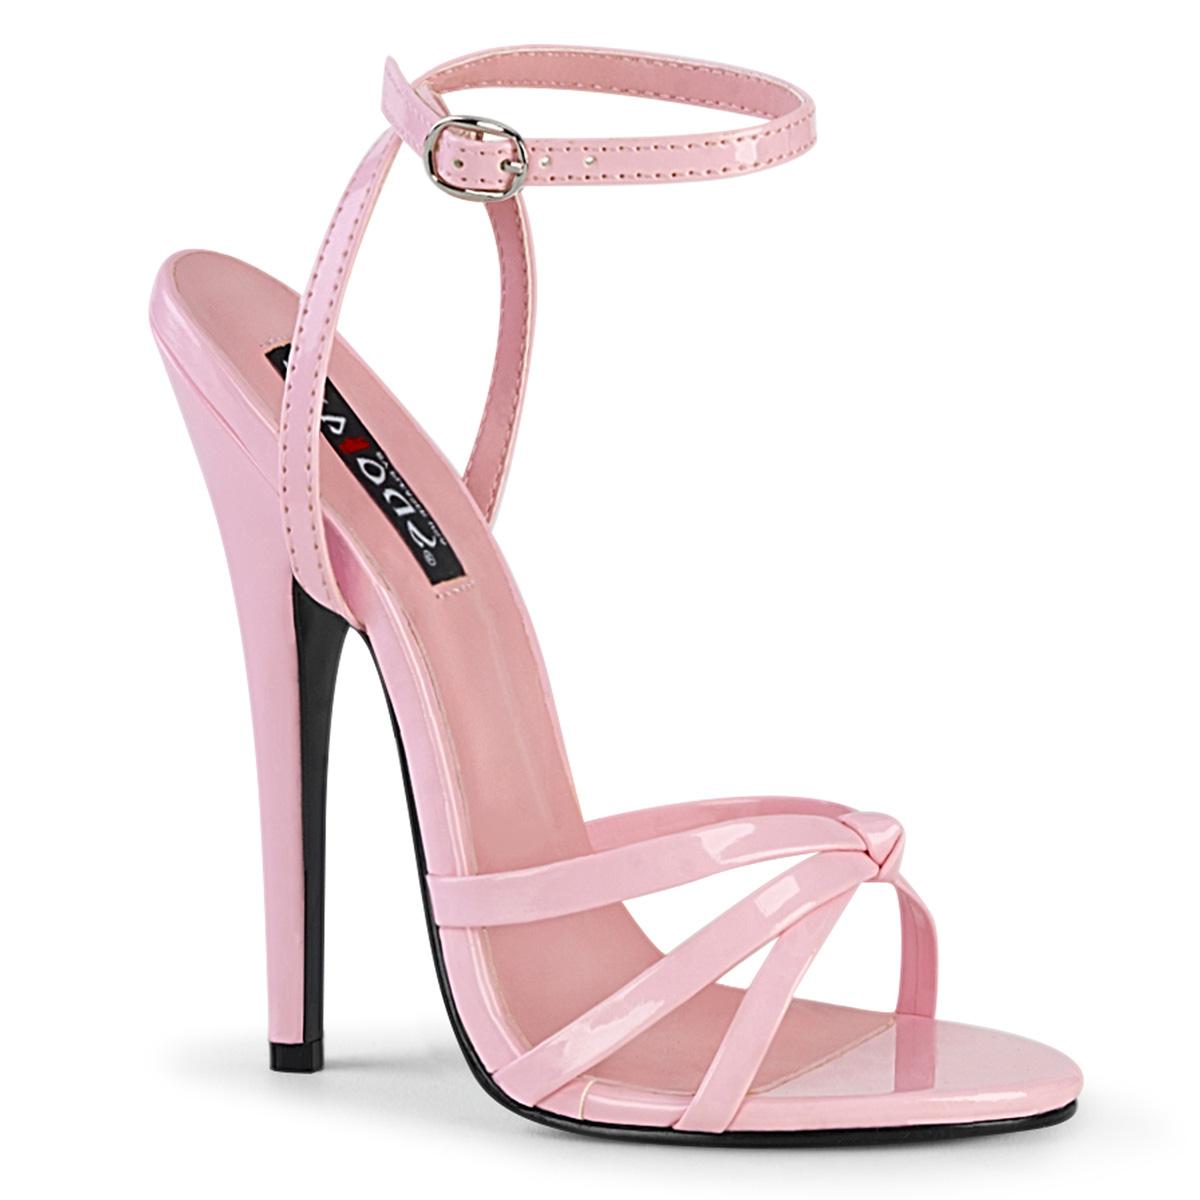 Zapatos Tacones 15 Cm 108 Domina Altos Fetiche Rosa Con PuOZkXi